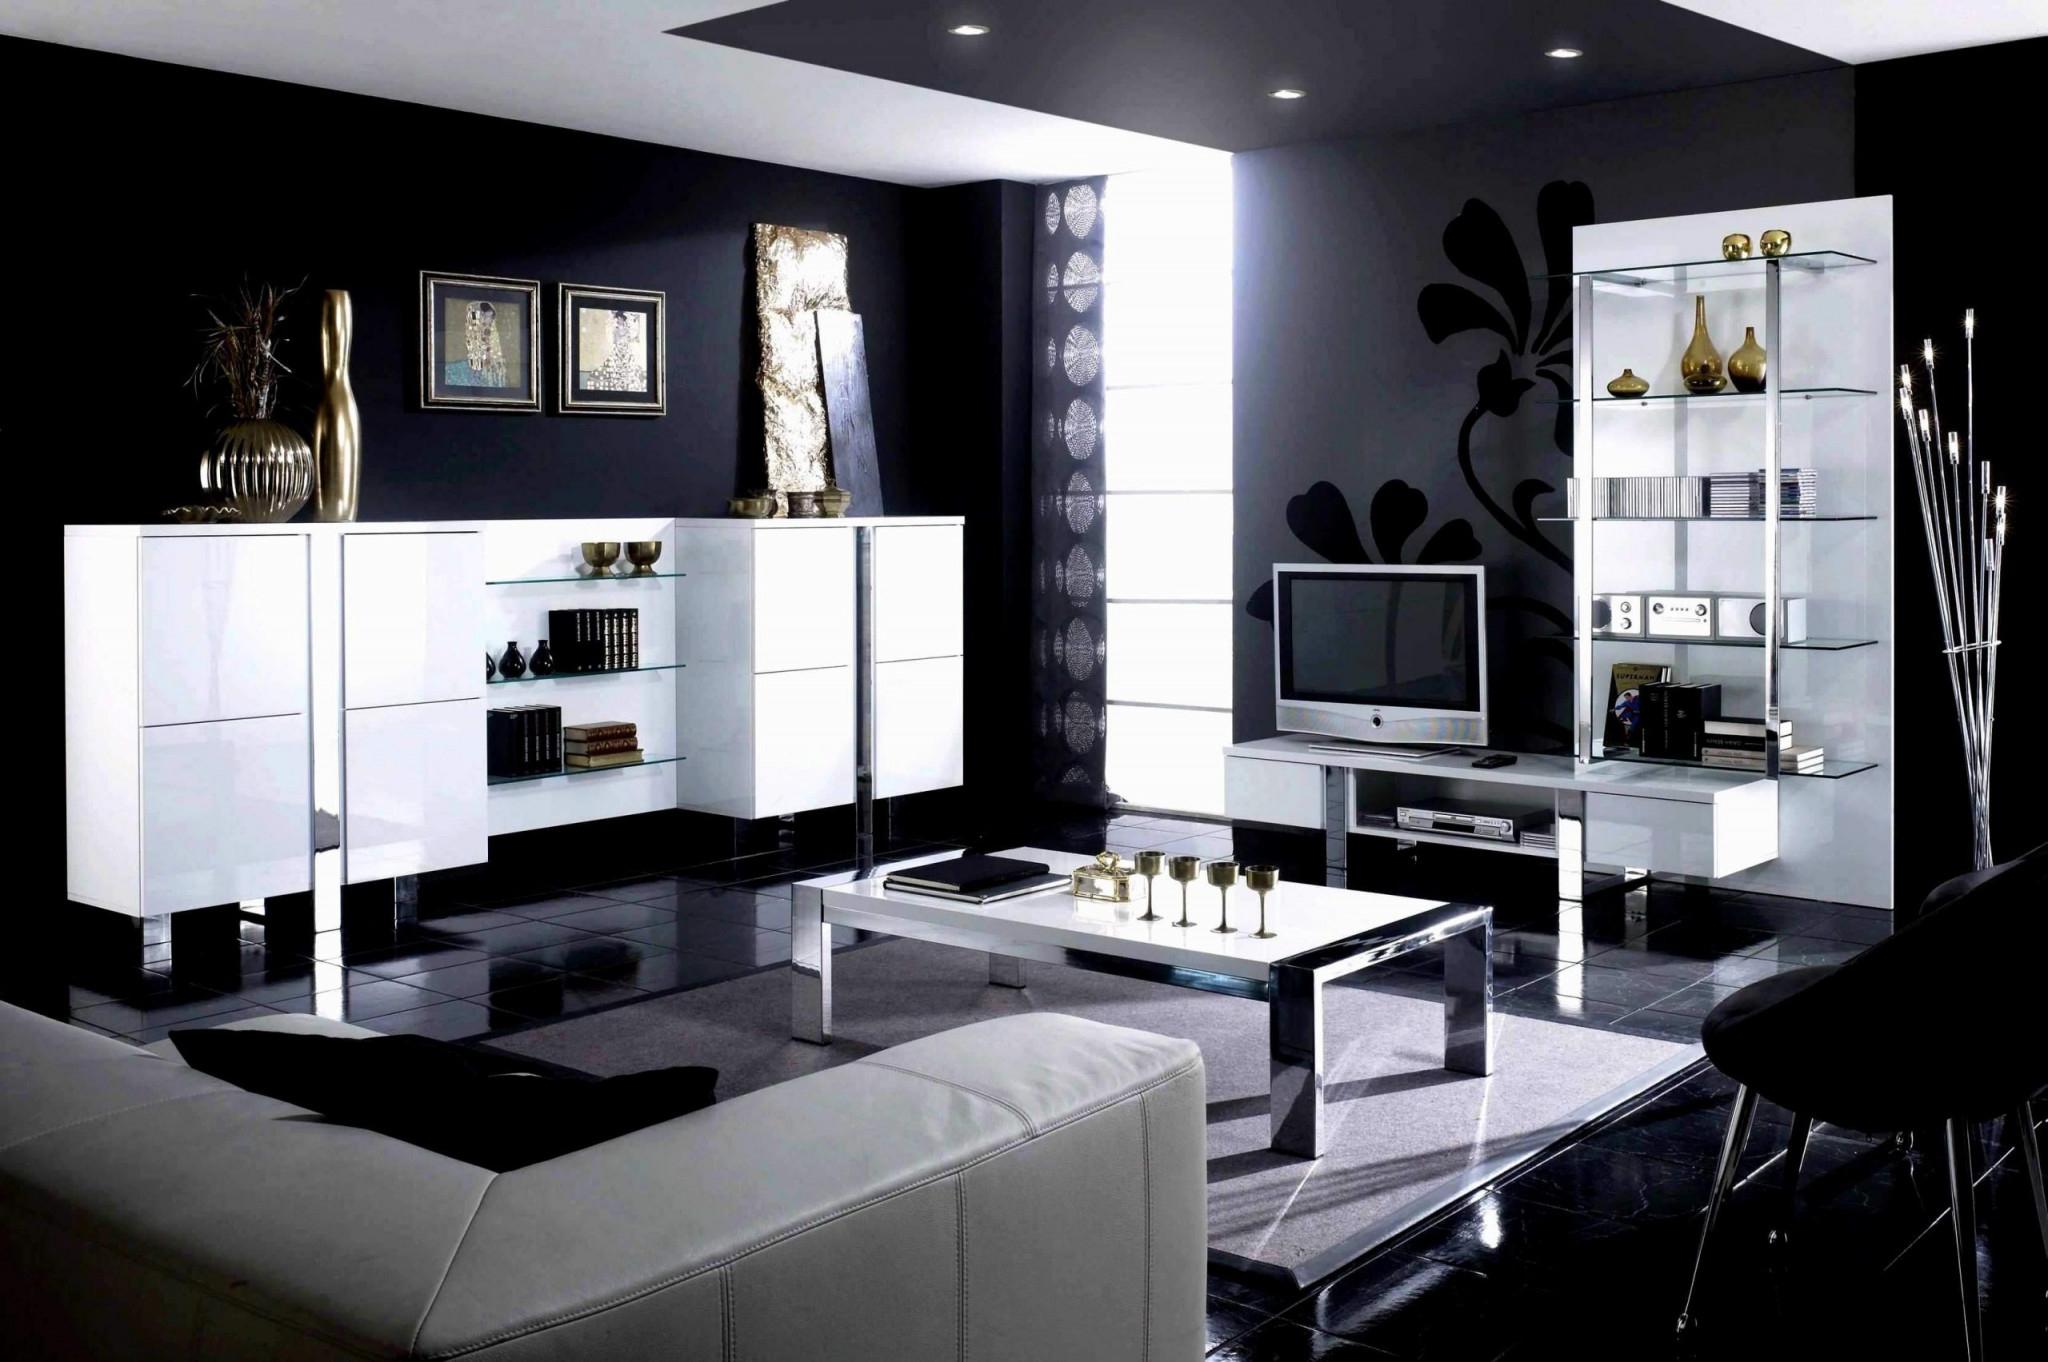 Schwarz Weiß Wohnzimmer Frisch Awesome Wohnzimmer Braun Weiß von Schwarz Weiß Bilder Wohnzimmer Bild